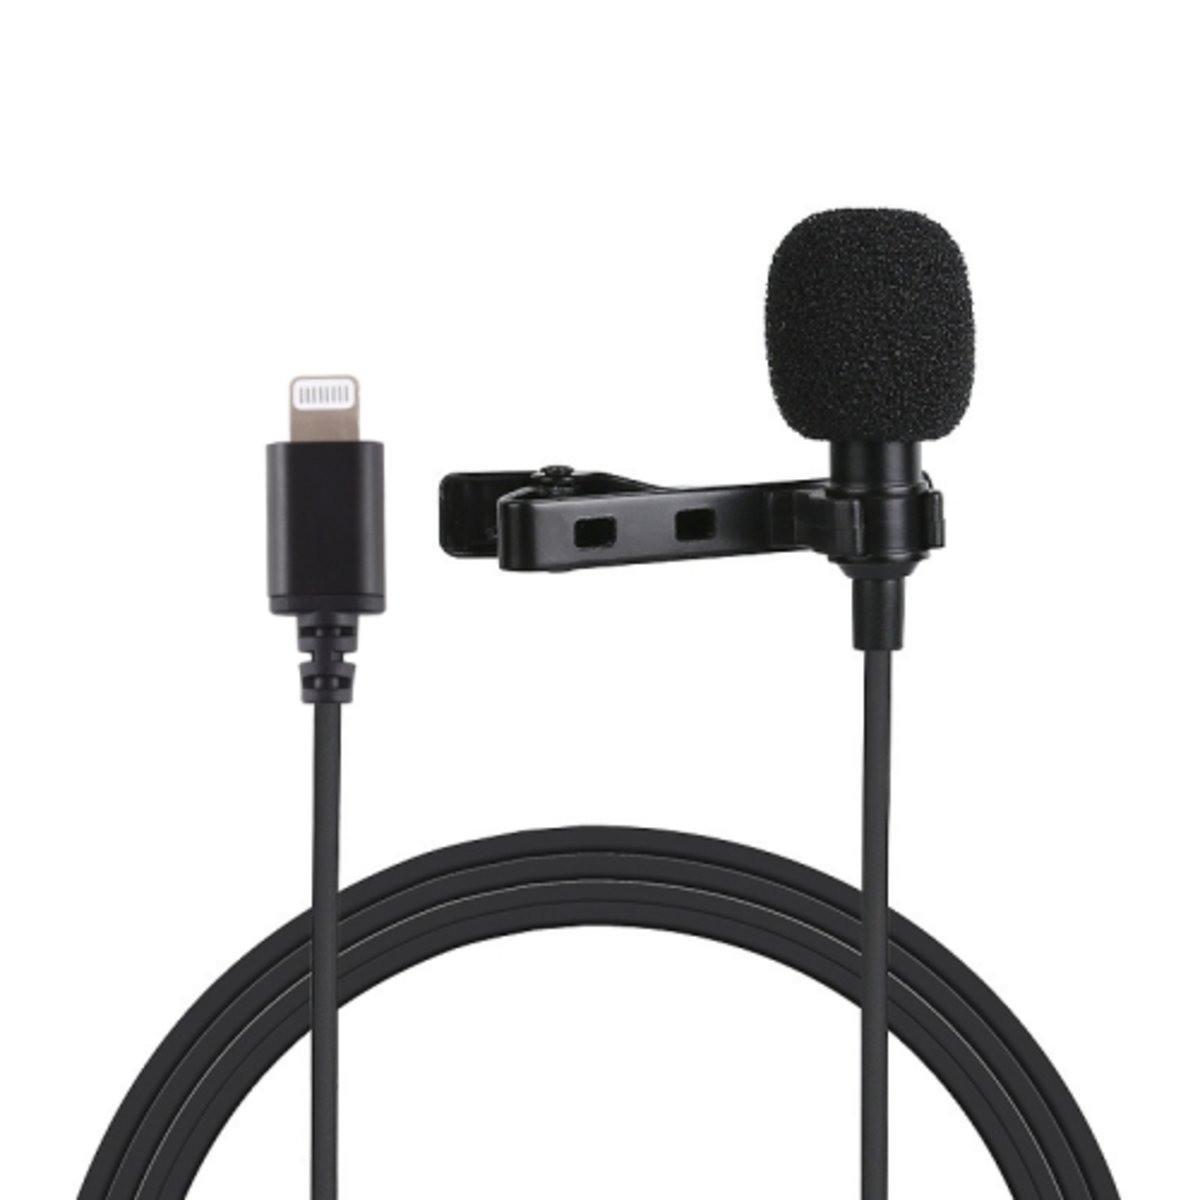 Микрофон для съемки - петличка Puluz PU426 1,5м (FOR IPHONE)